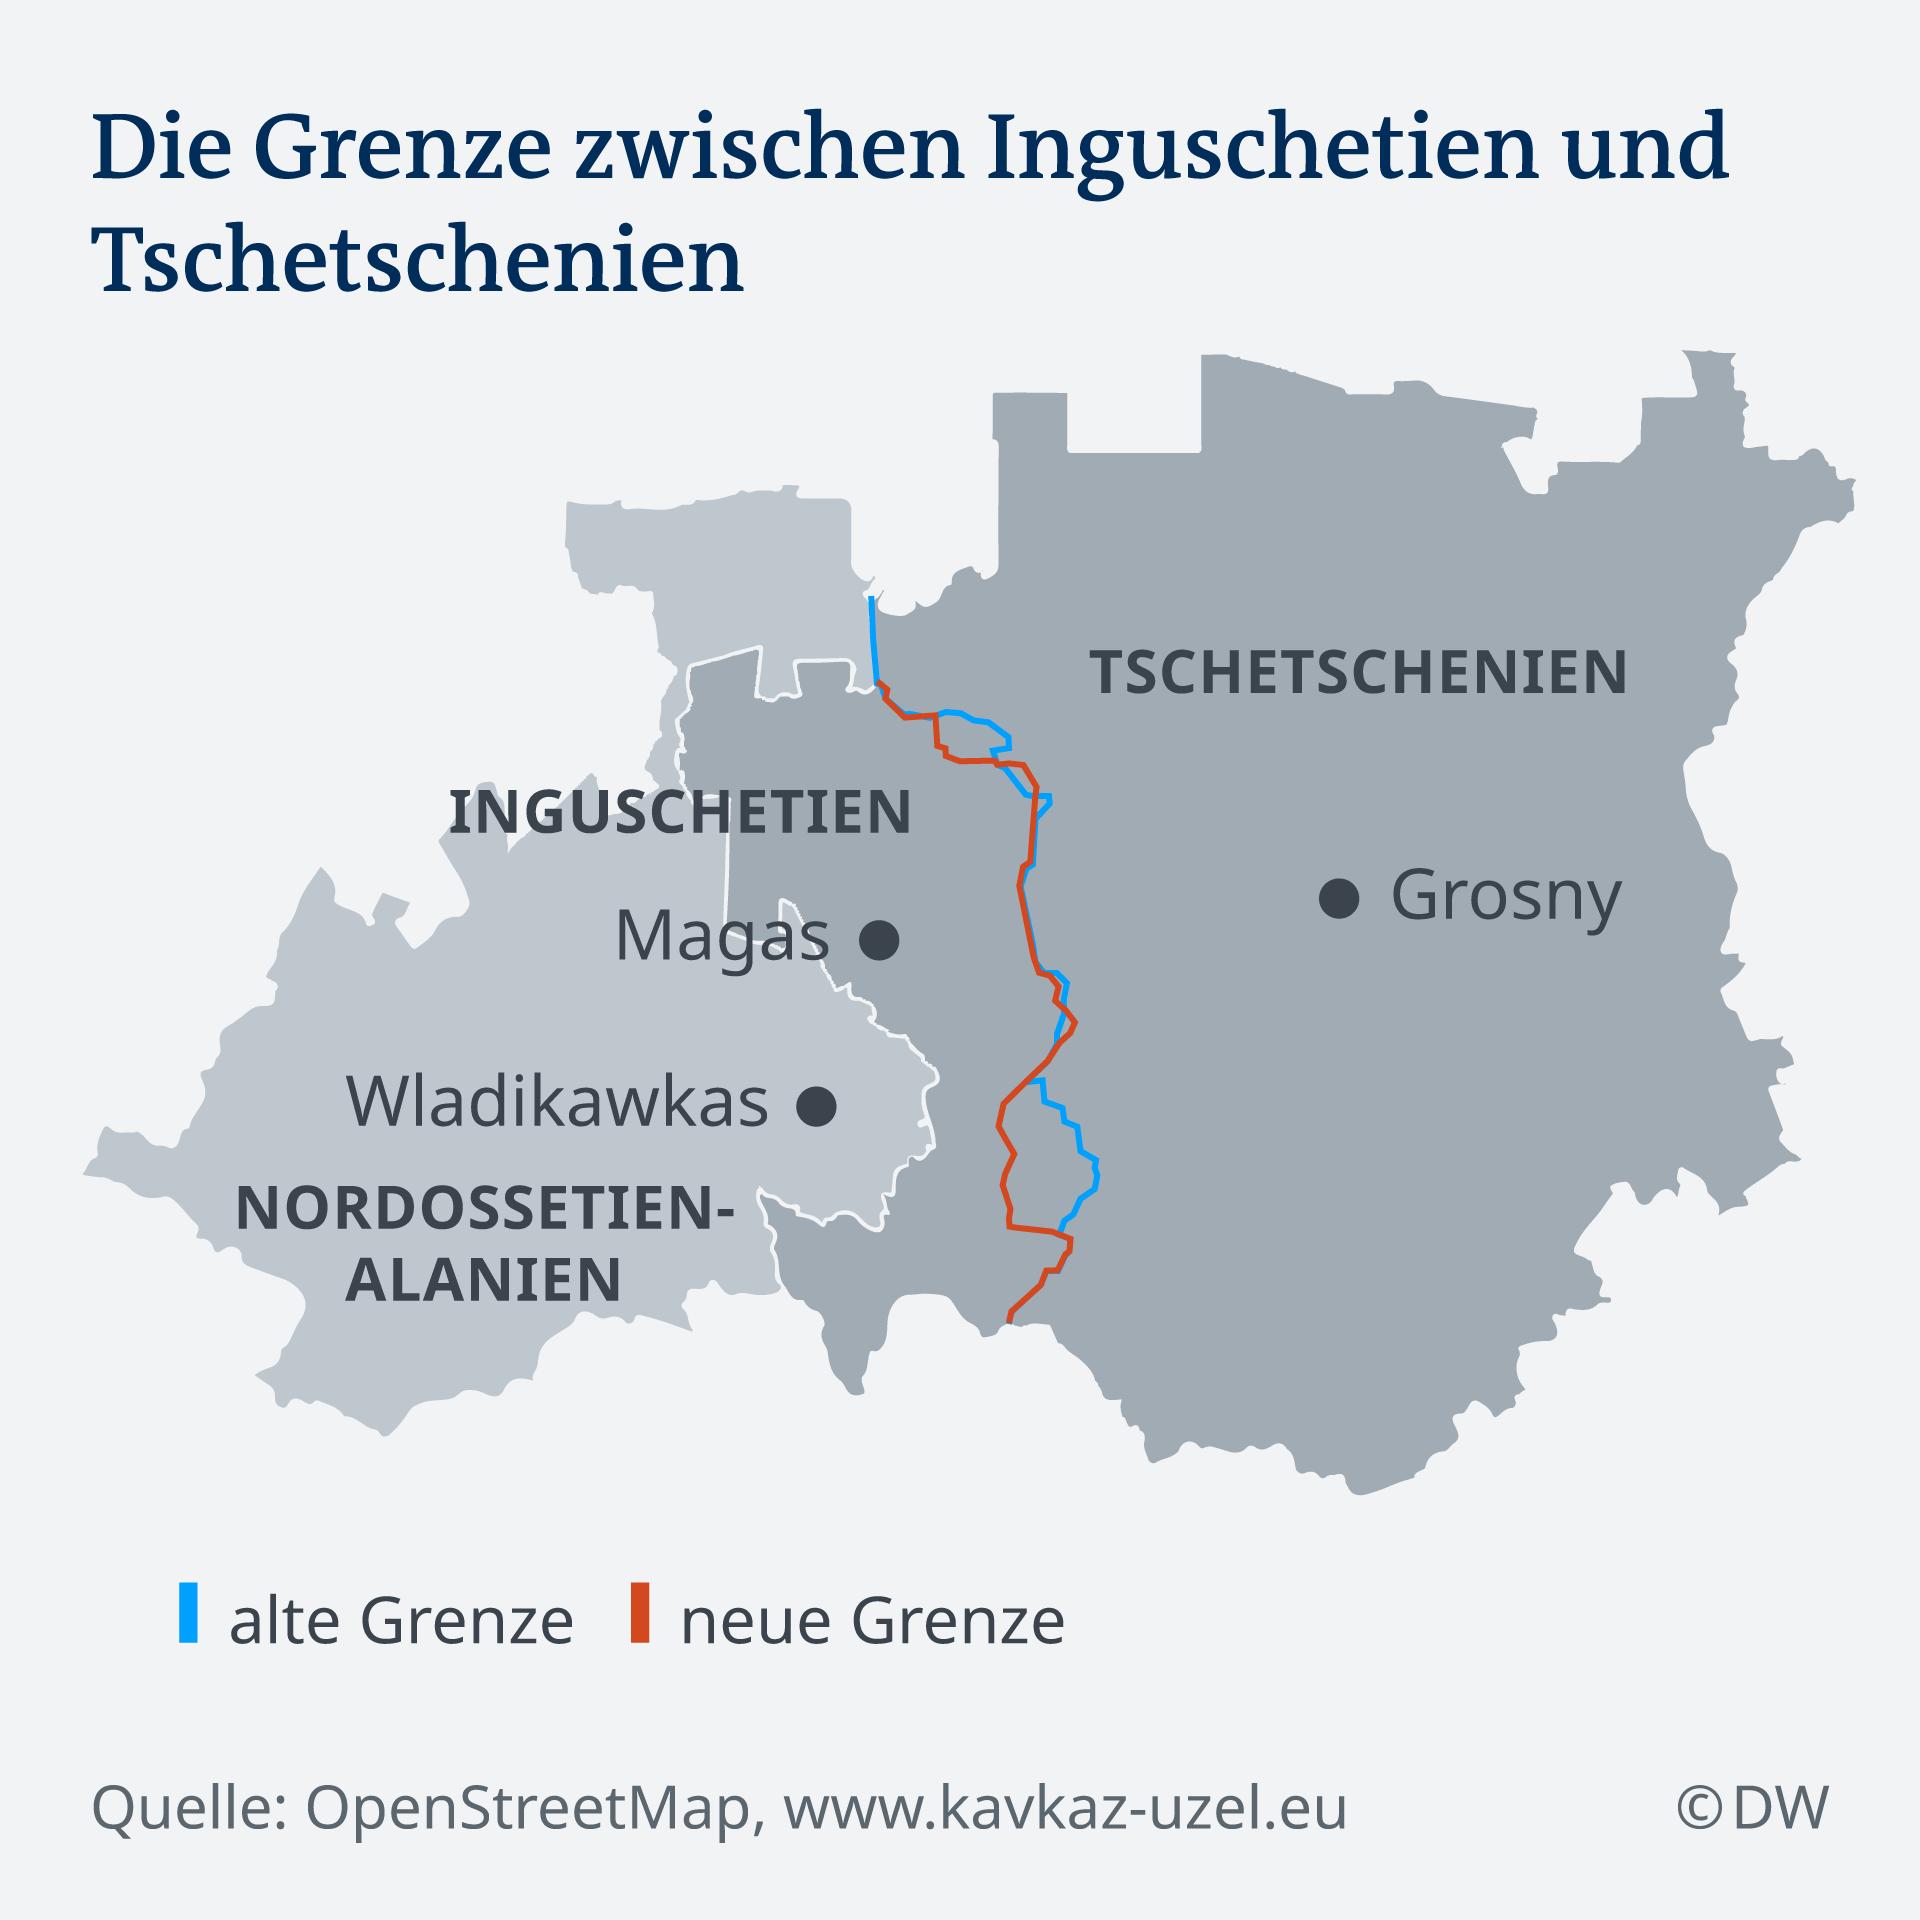 Infografik Karte Grenzverlauf Inguschetien Tschetschenien DE